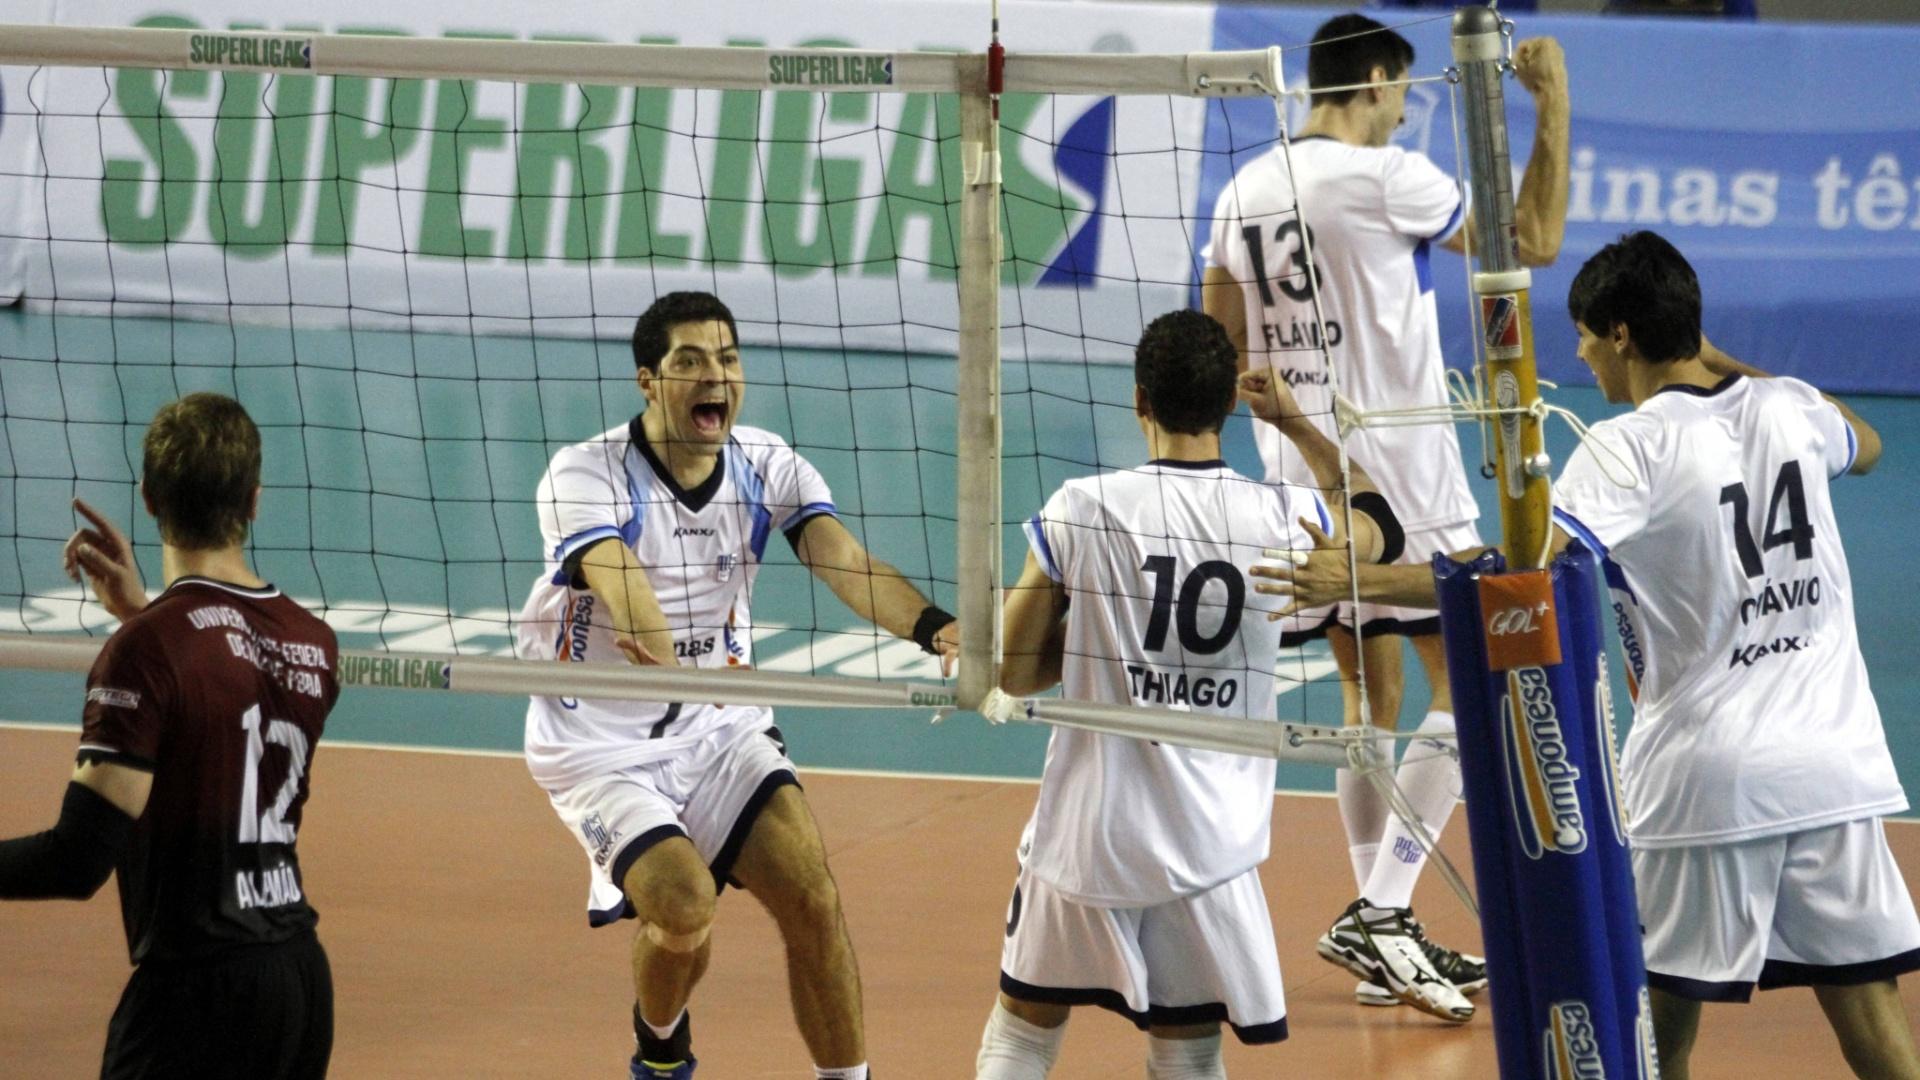 Everaldo comemora com o Thiago o ponto de bloqueio que deu vitória para o Minas na estreia da Superliga